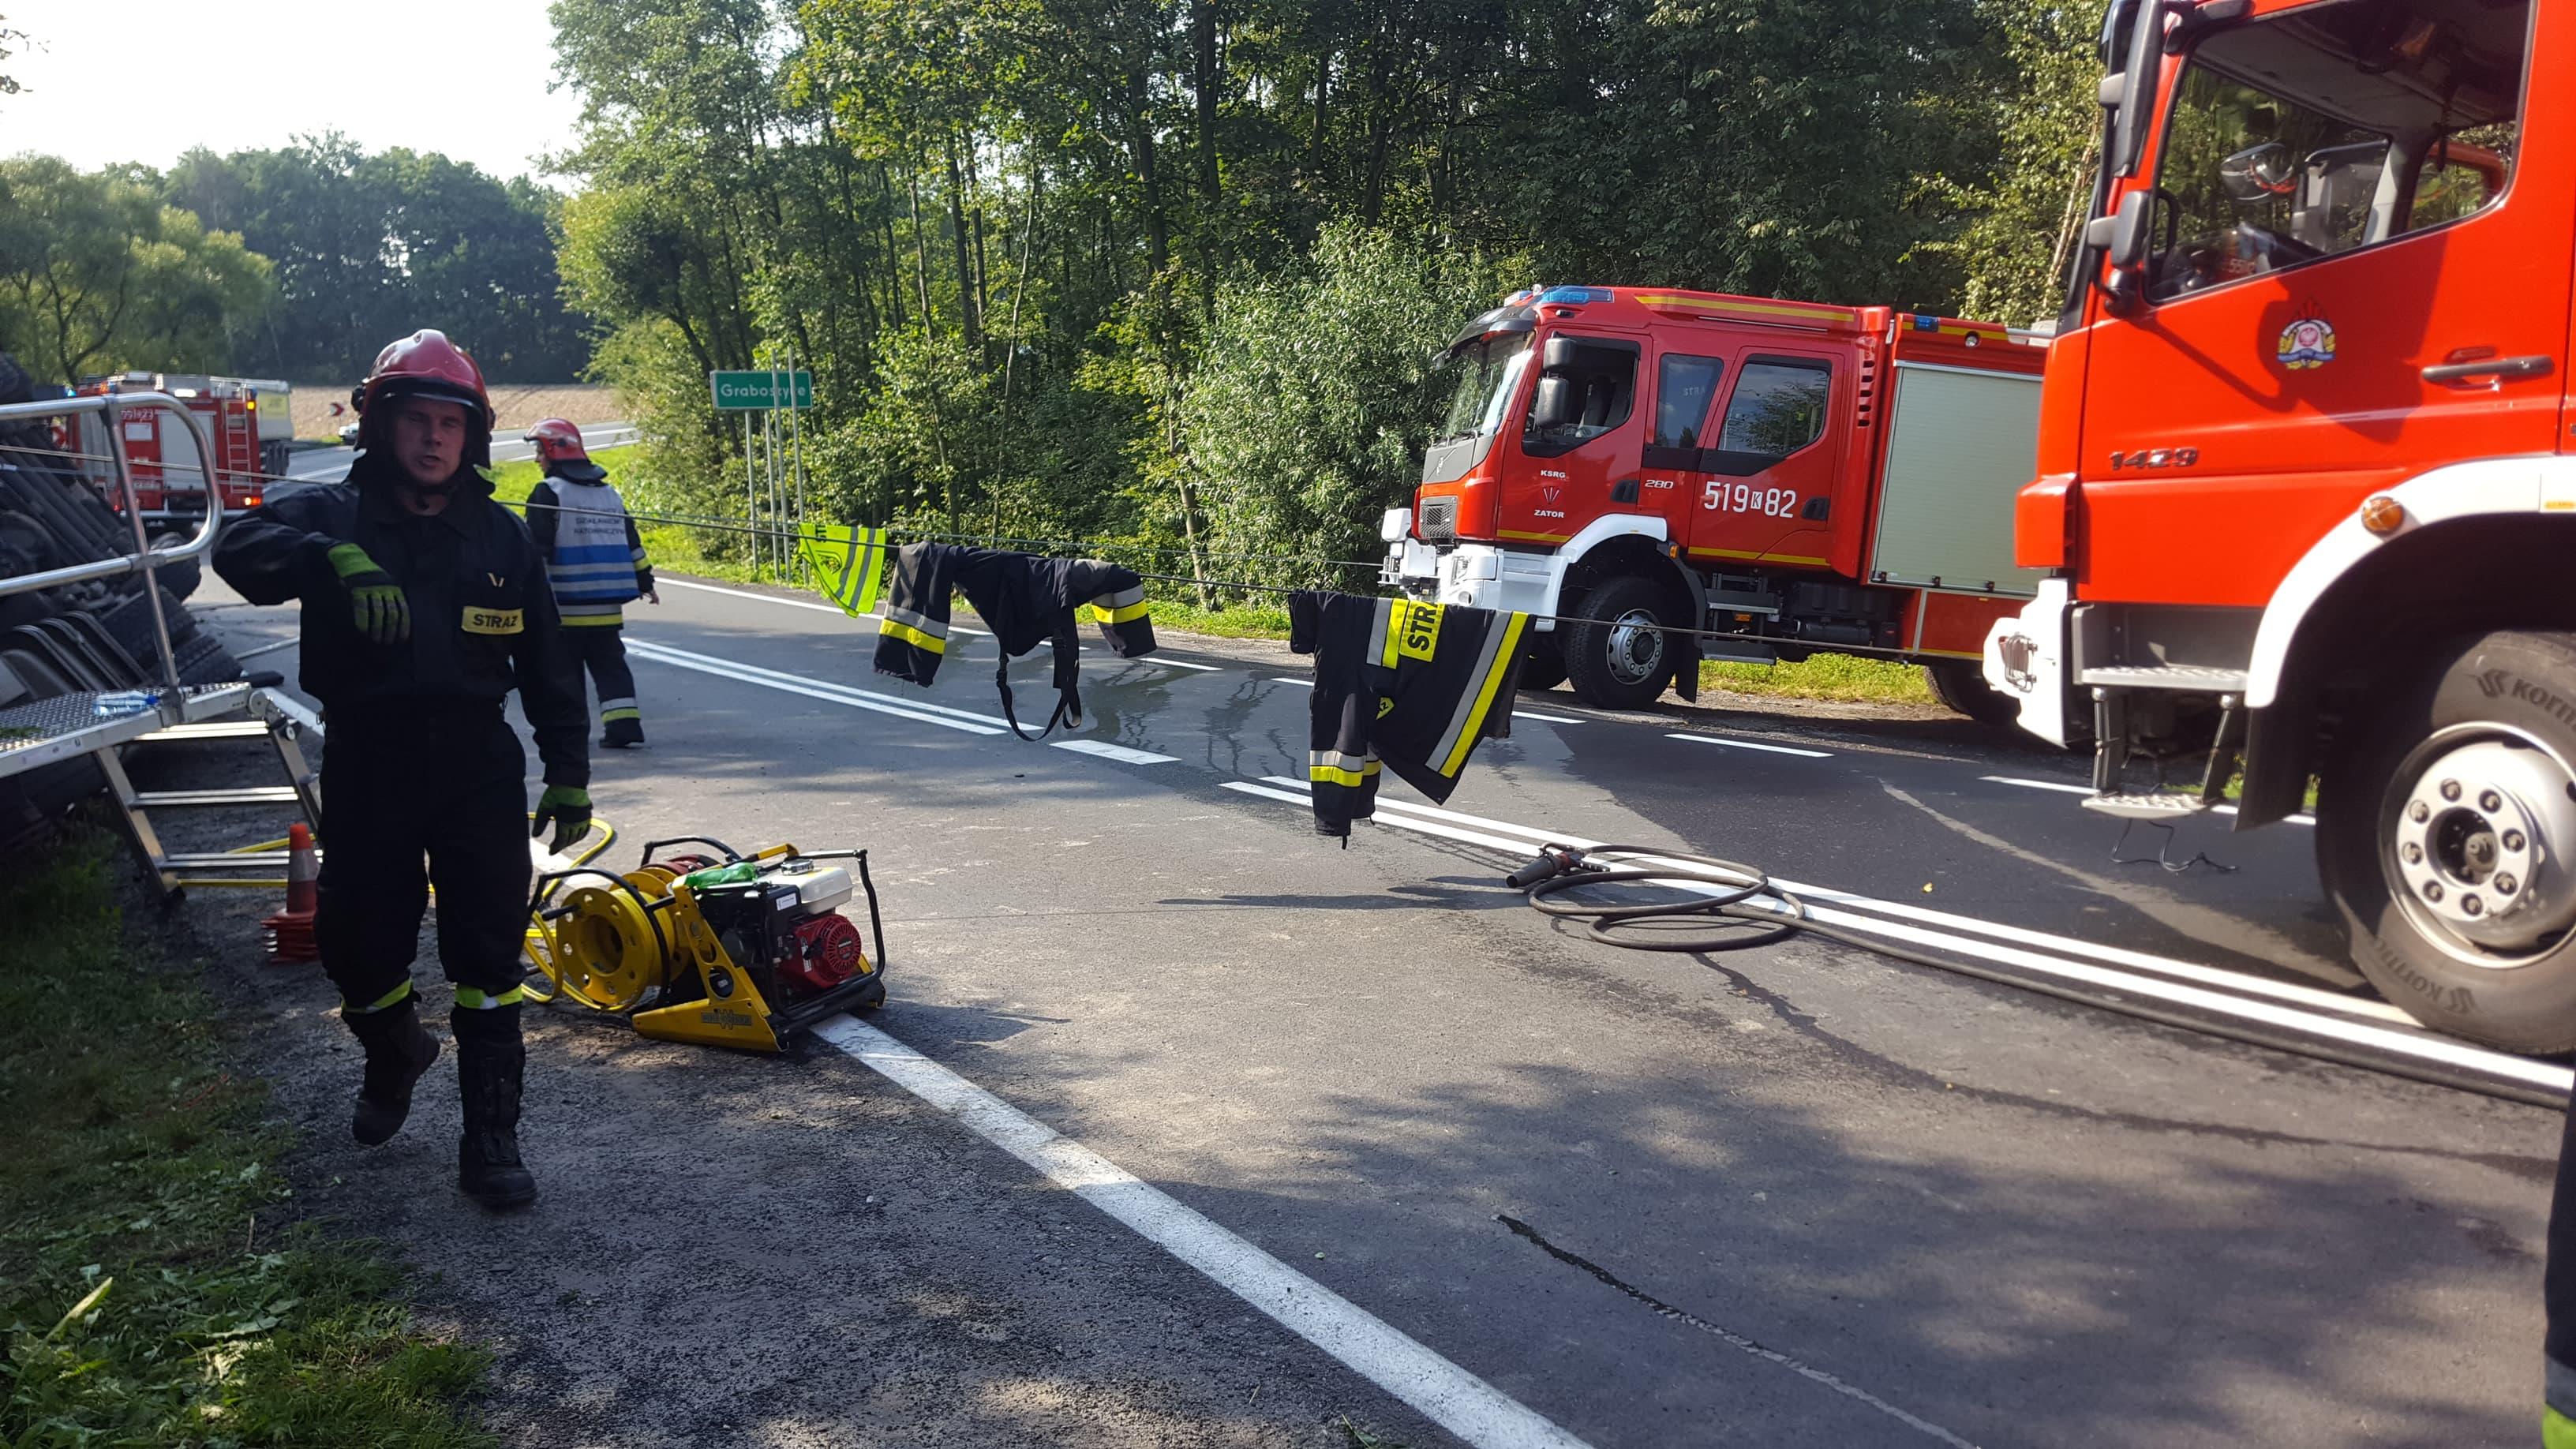 Ciężarówka przewróciła się na bok i wpadła do rowu. Droga krajowa zablokowana [FOTO]